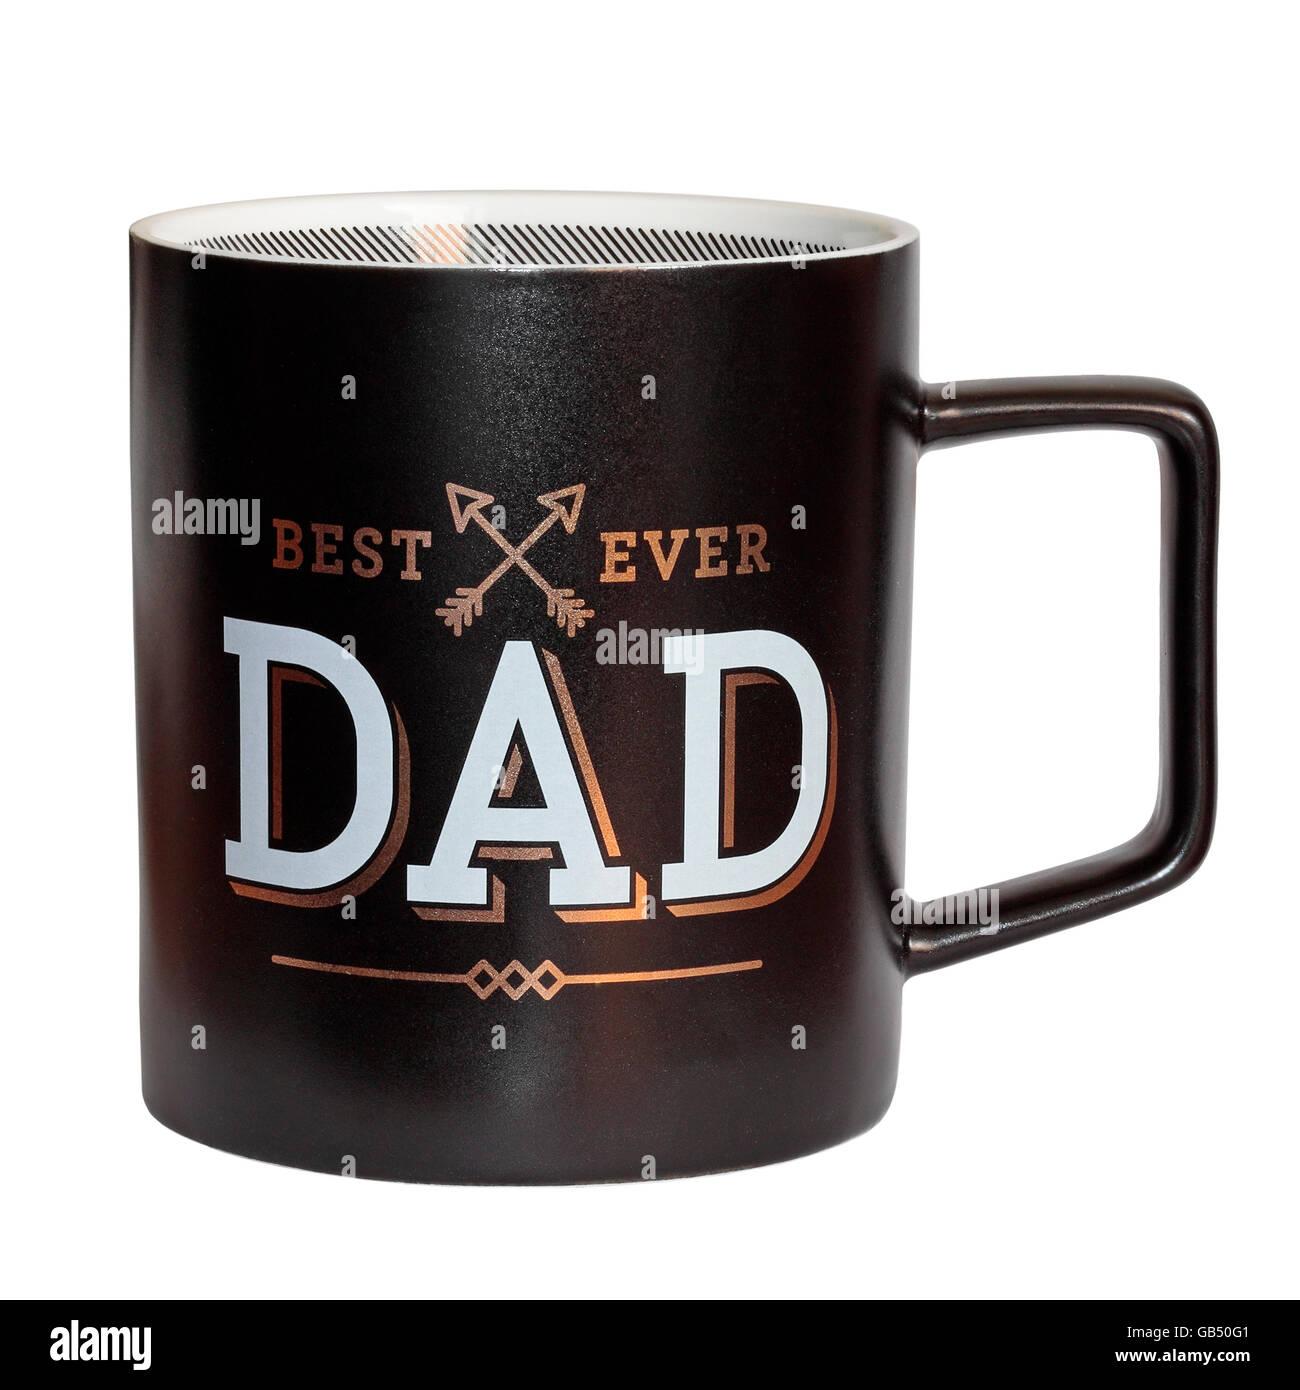 Best Ever Dad mug isolated on white background - Stock Image